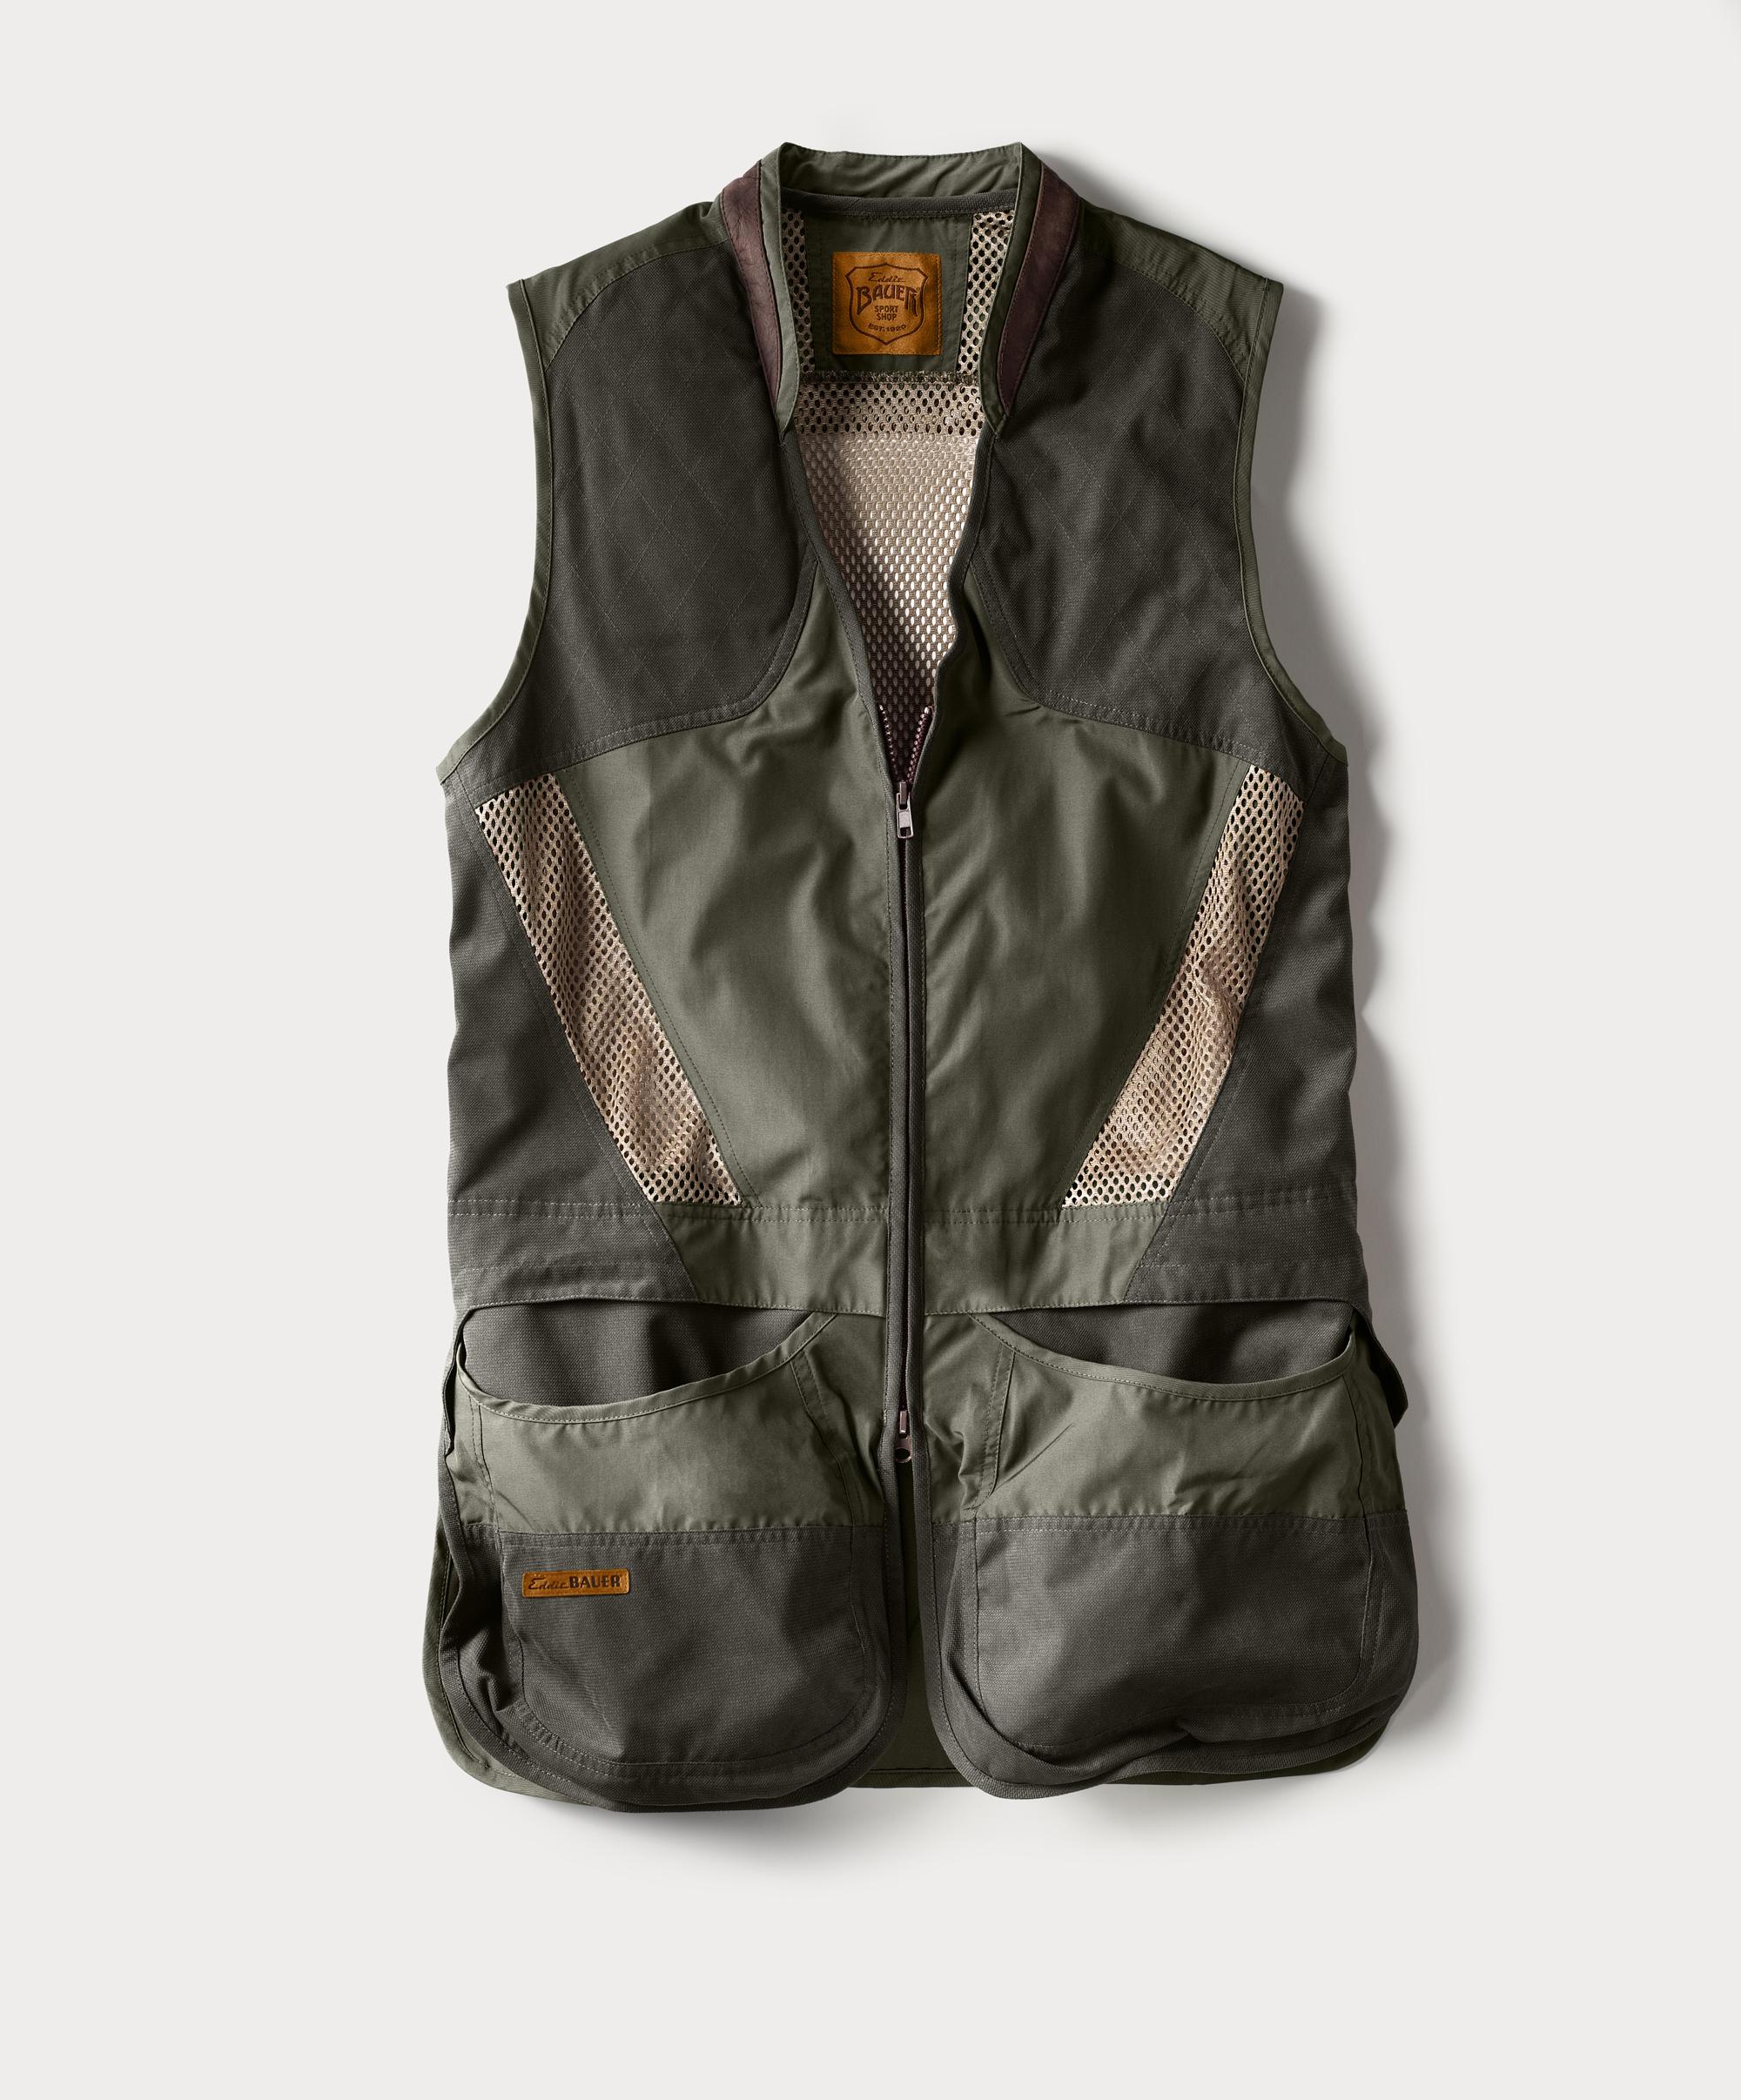 M's Clay Break Shooting Vest - Aspen